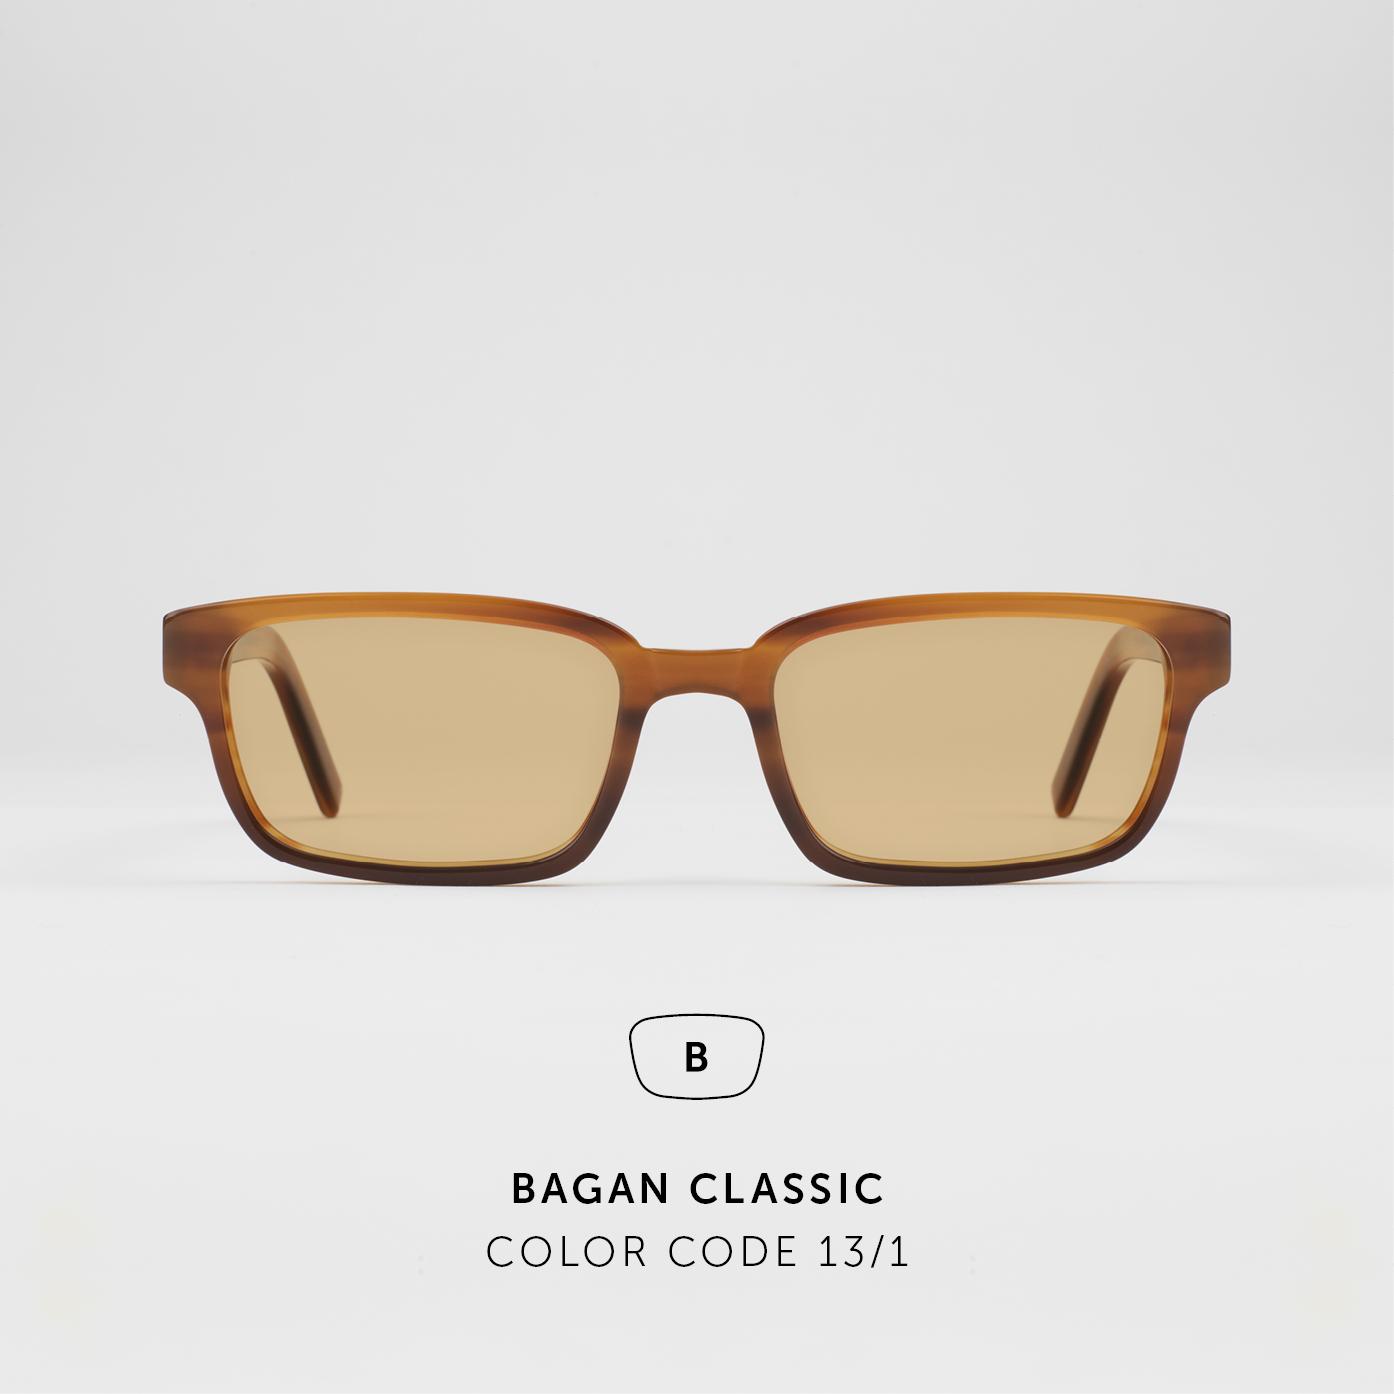 BaganClassic40.jpg